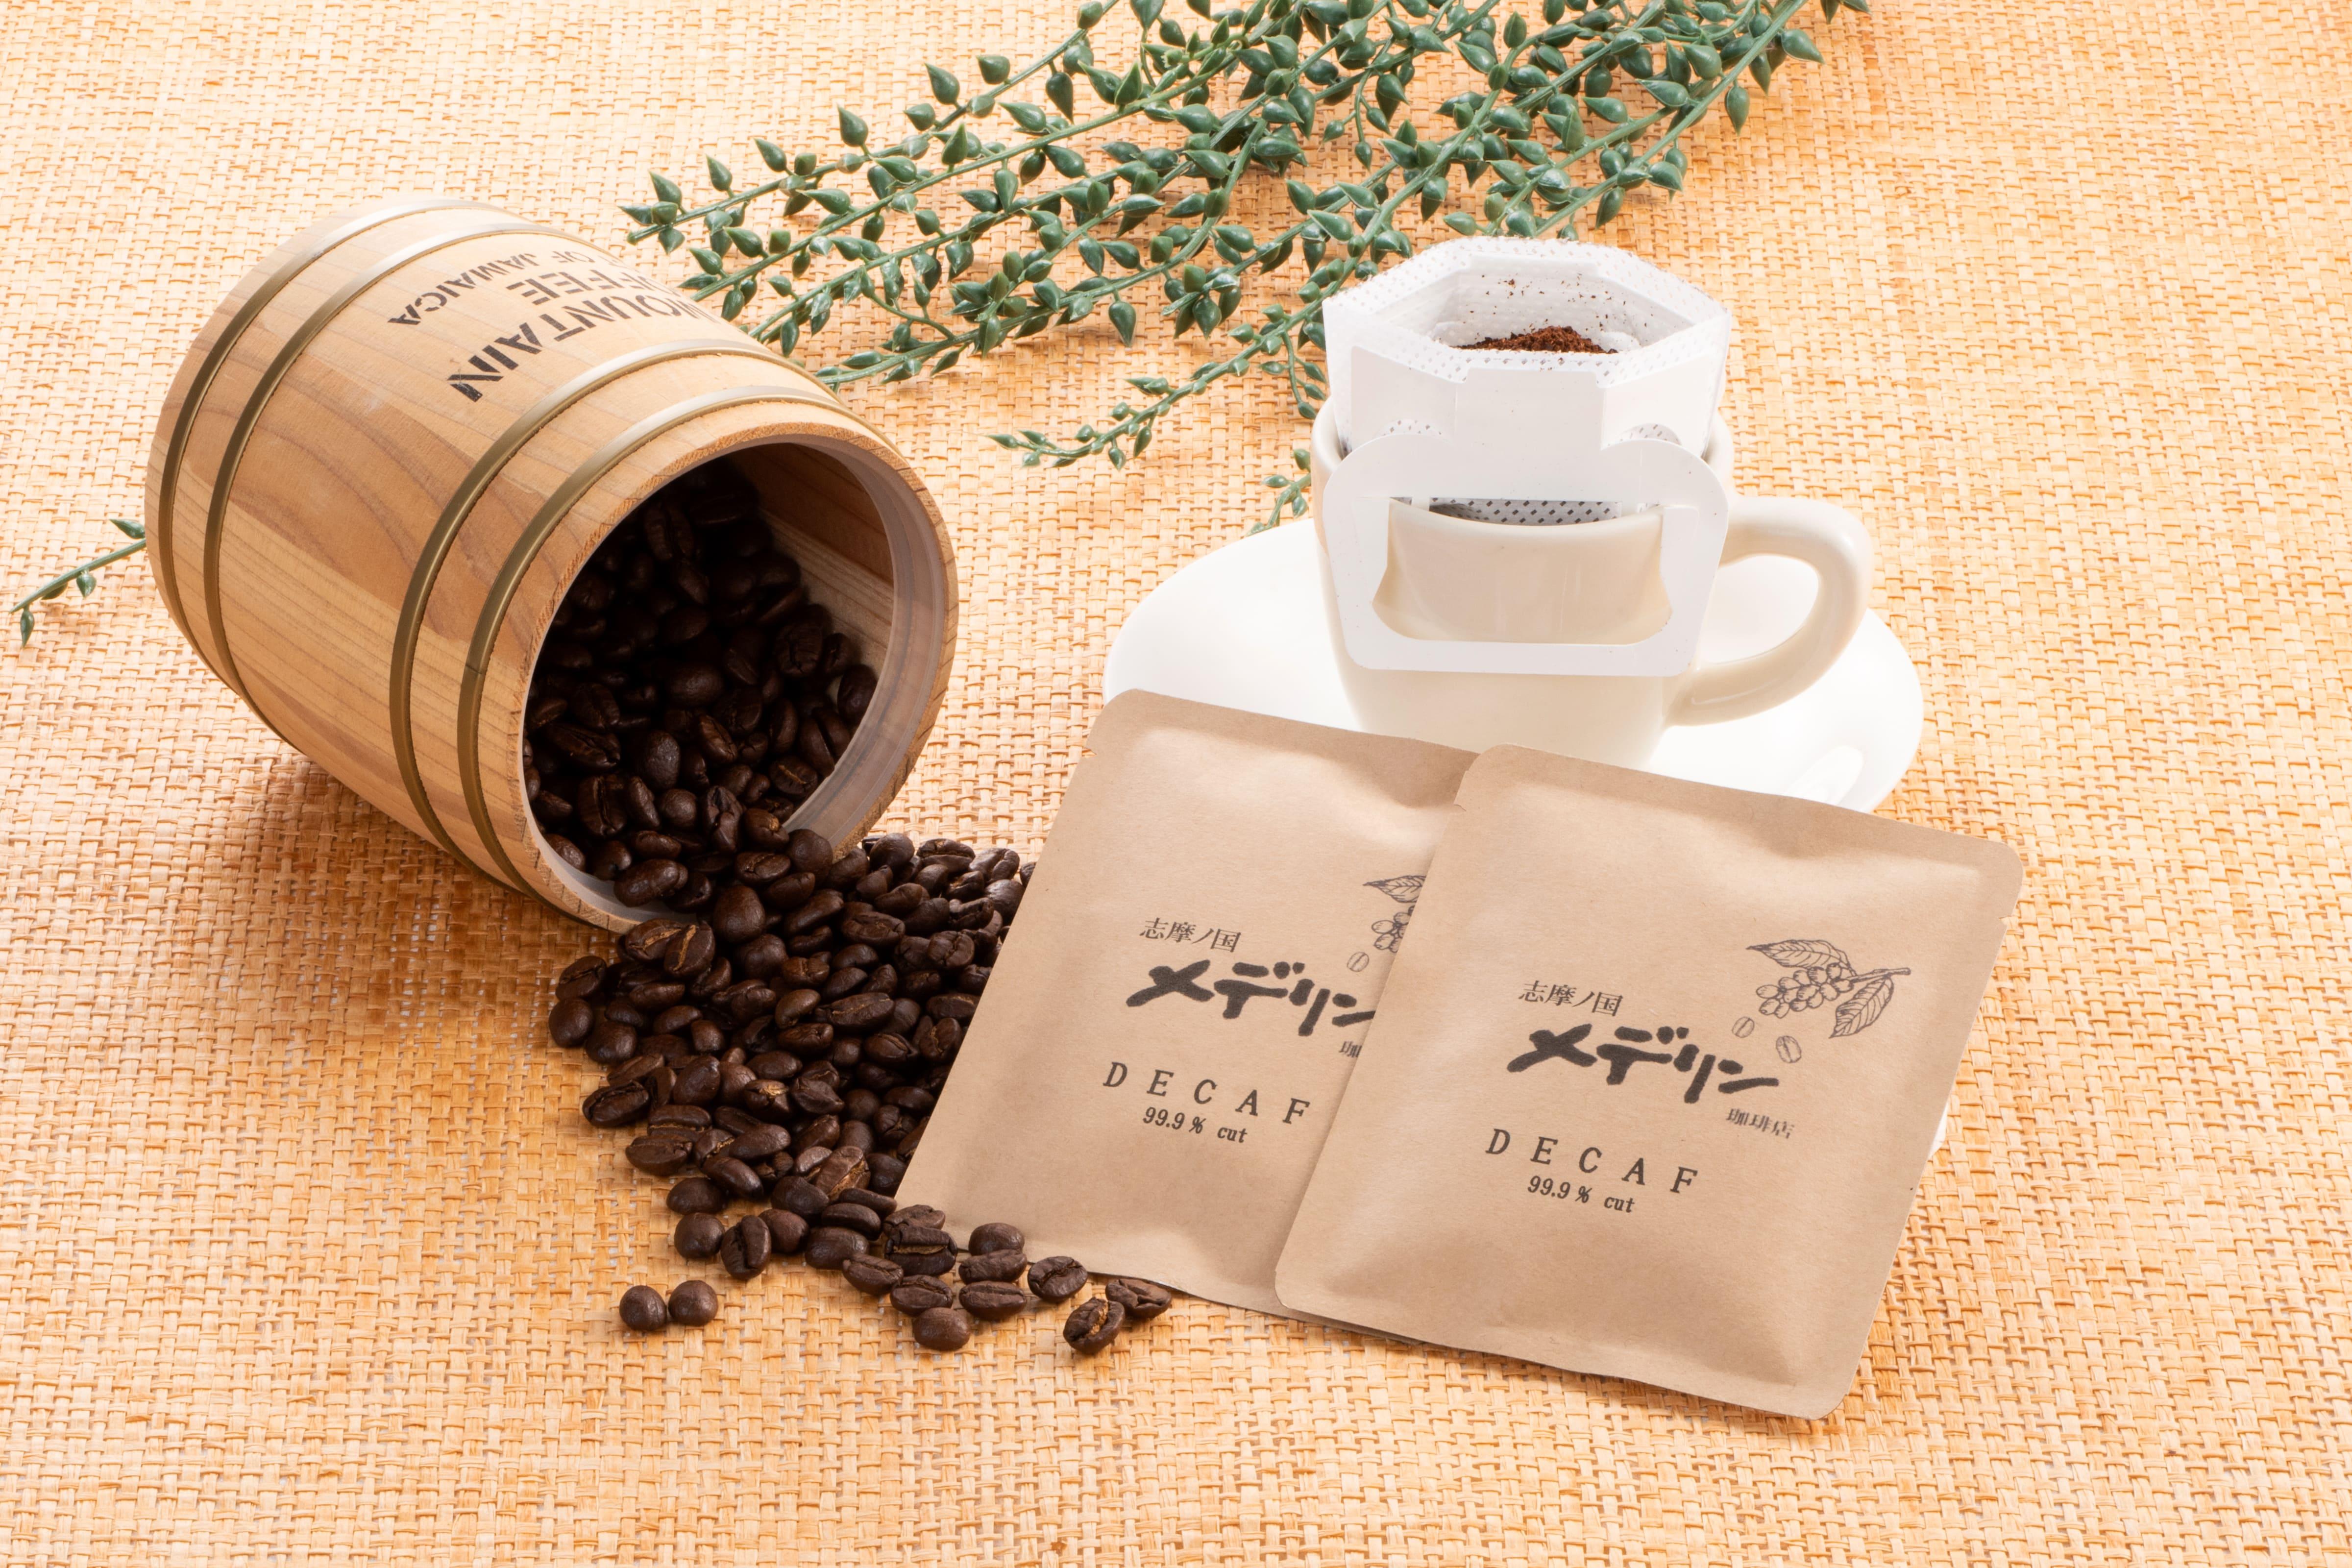 デカフェドリップコーヒー2個セット